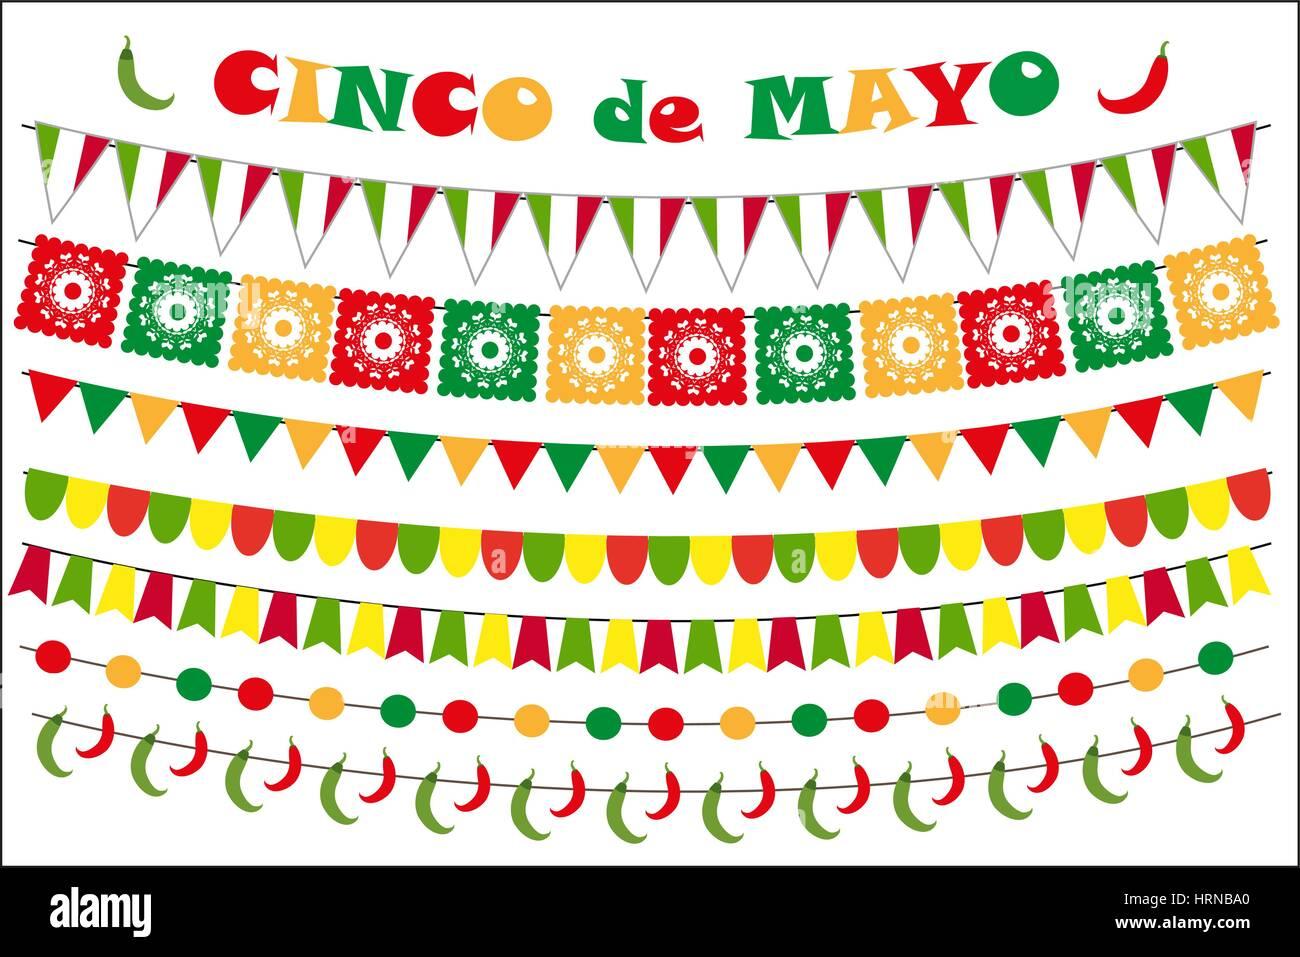 Cinco De Mayo Feier Reihe Von Farbigen Fahnen Girlanden Girlande